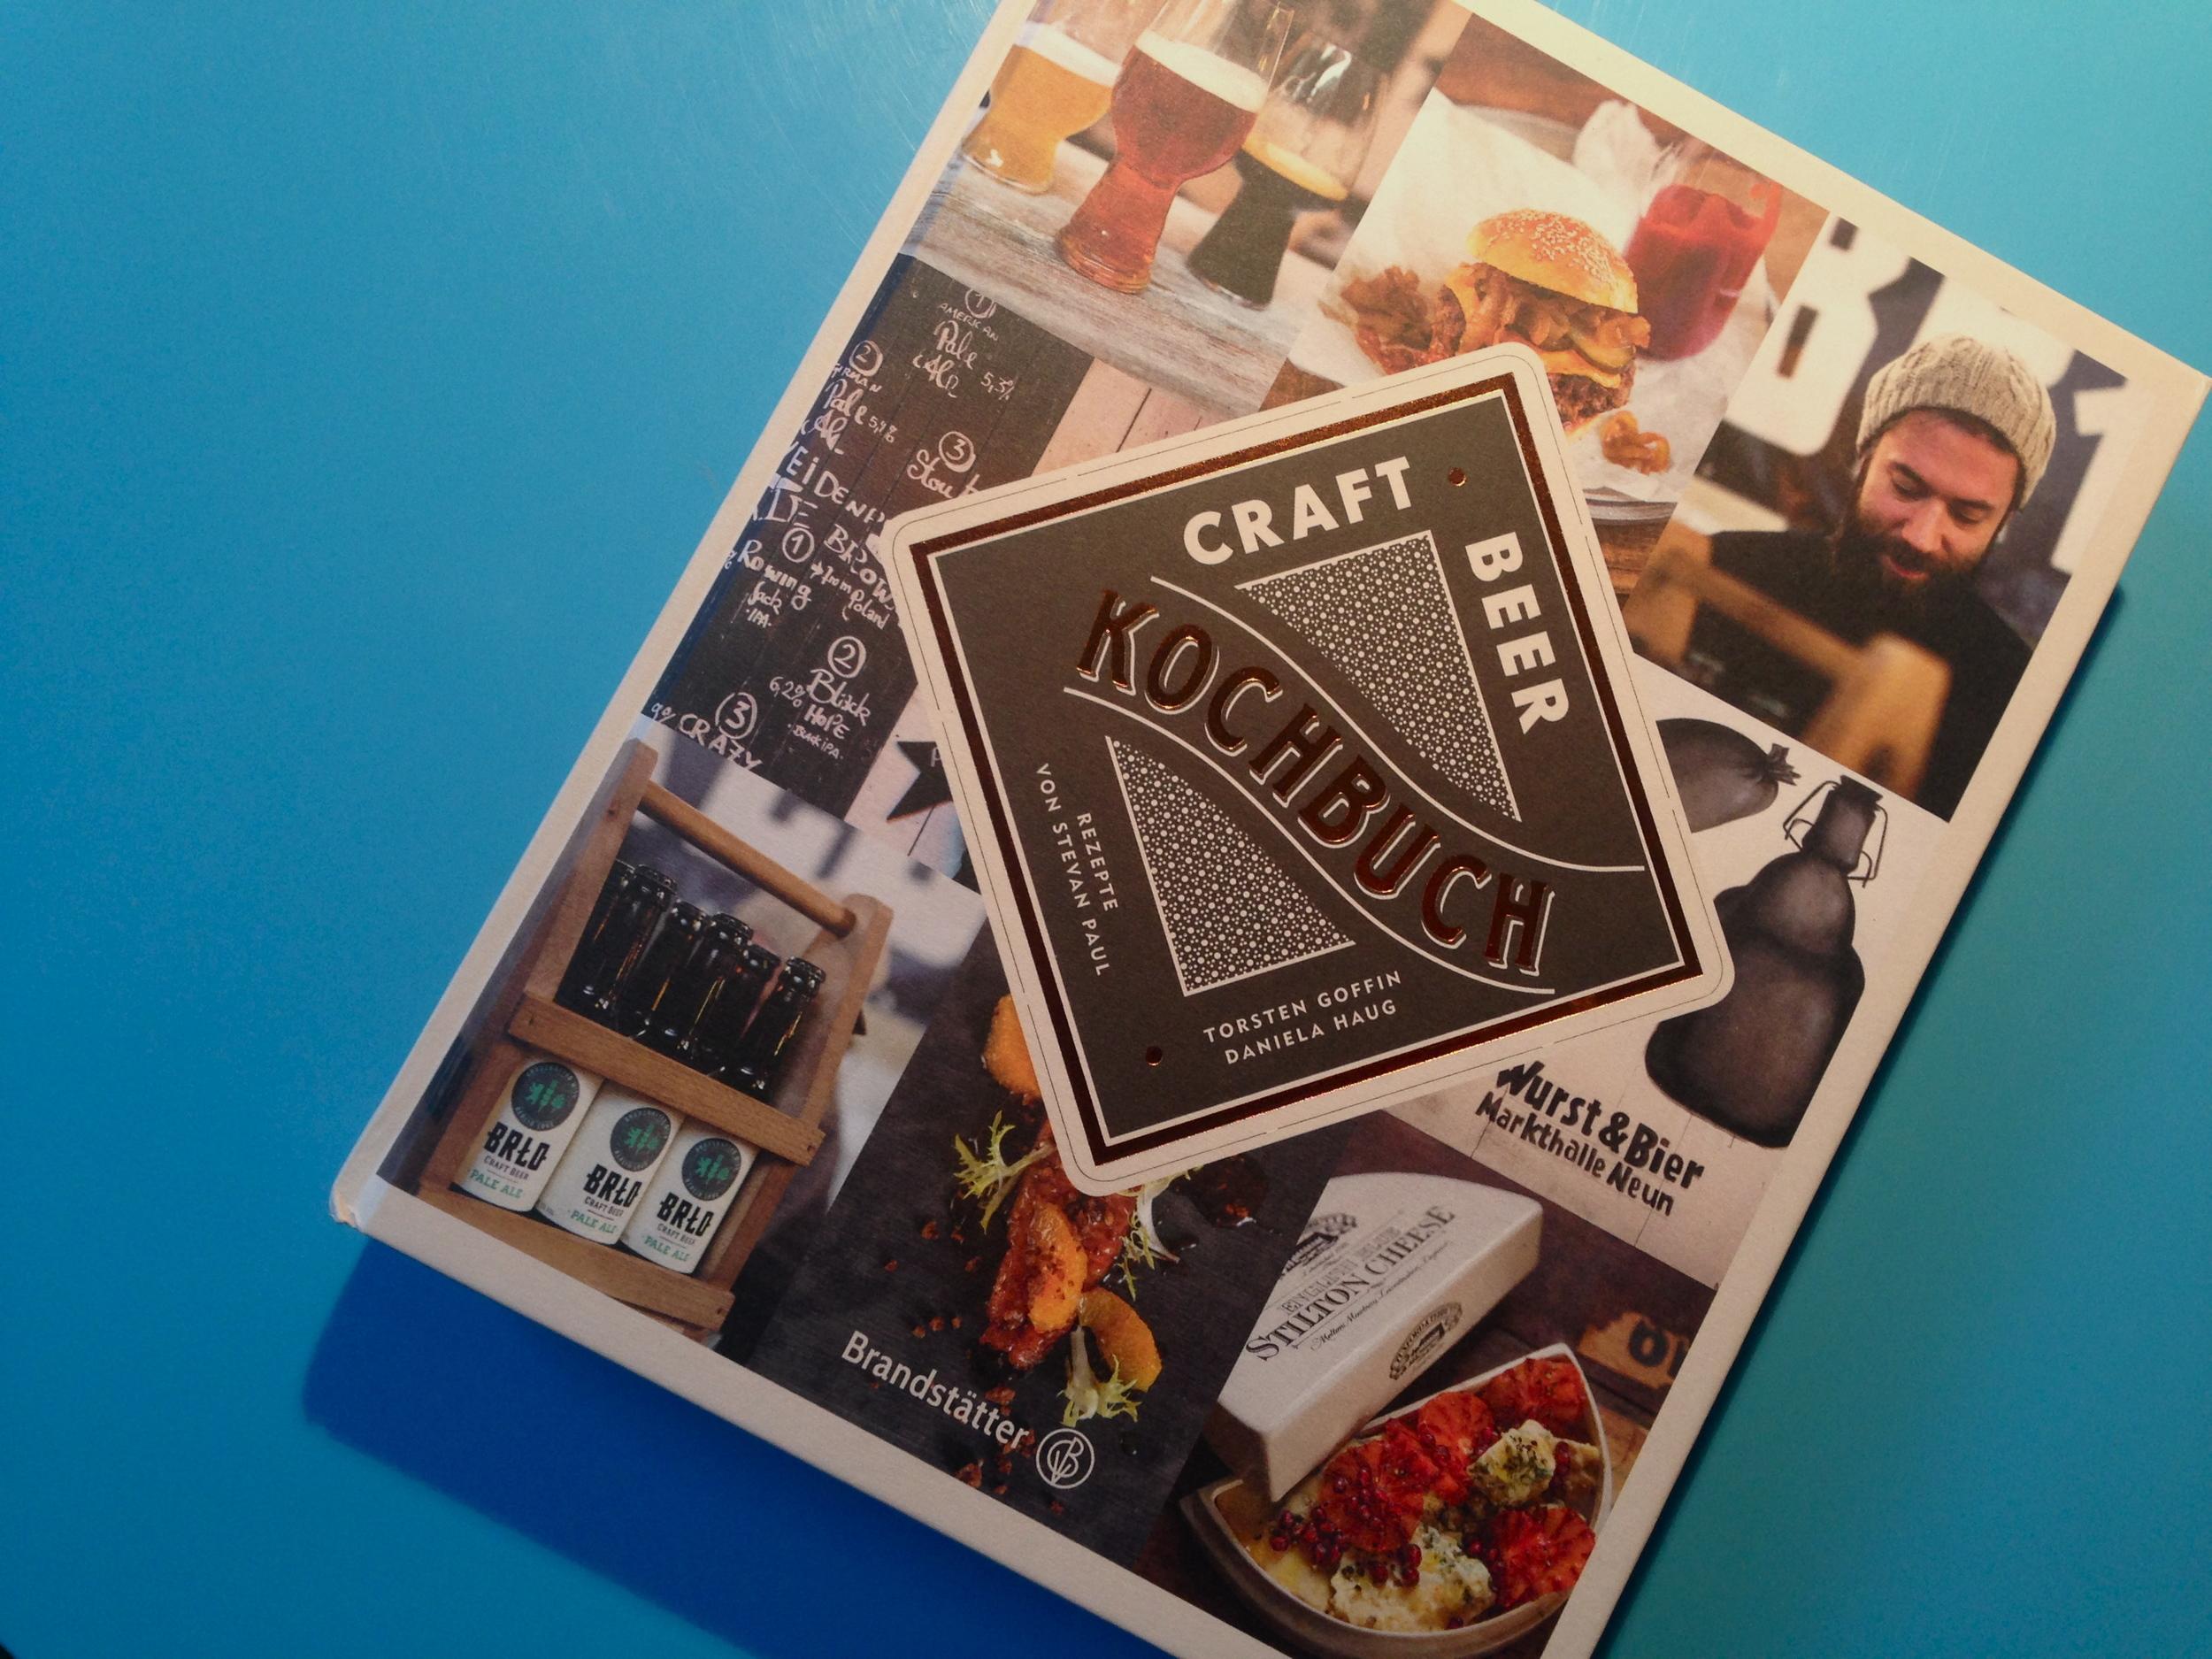 Liegt griffbereit auf unserem Küchentisch: das neue Craft Beer Kochbuch.